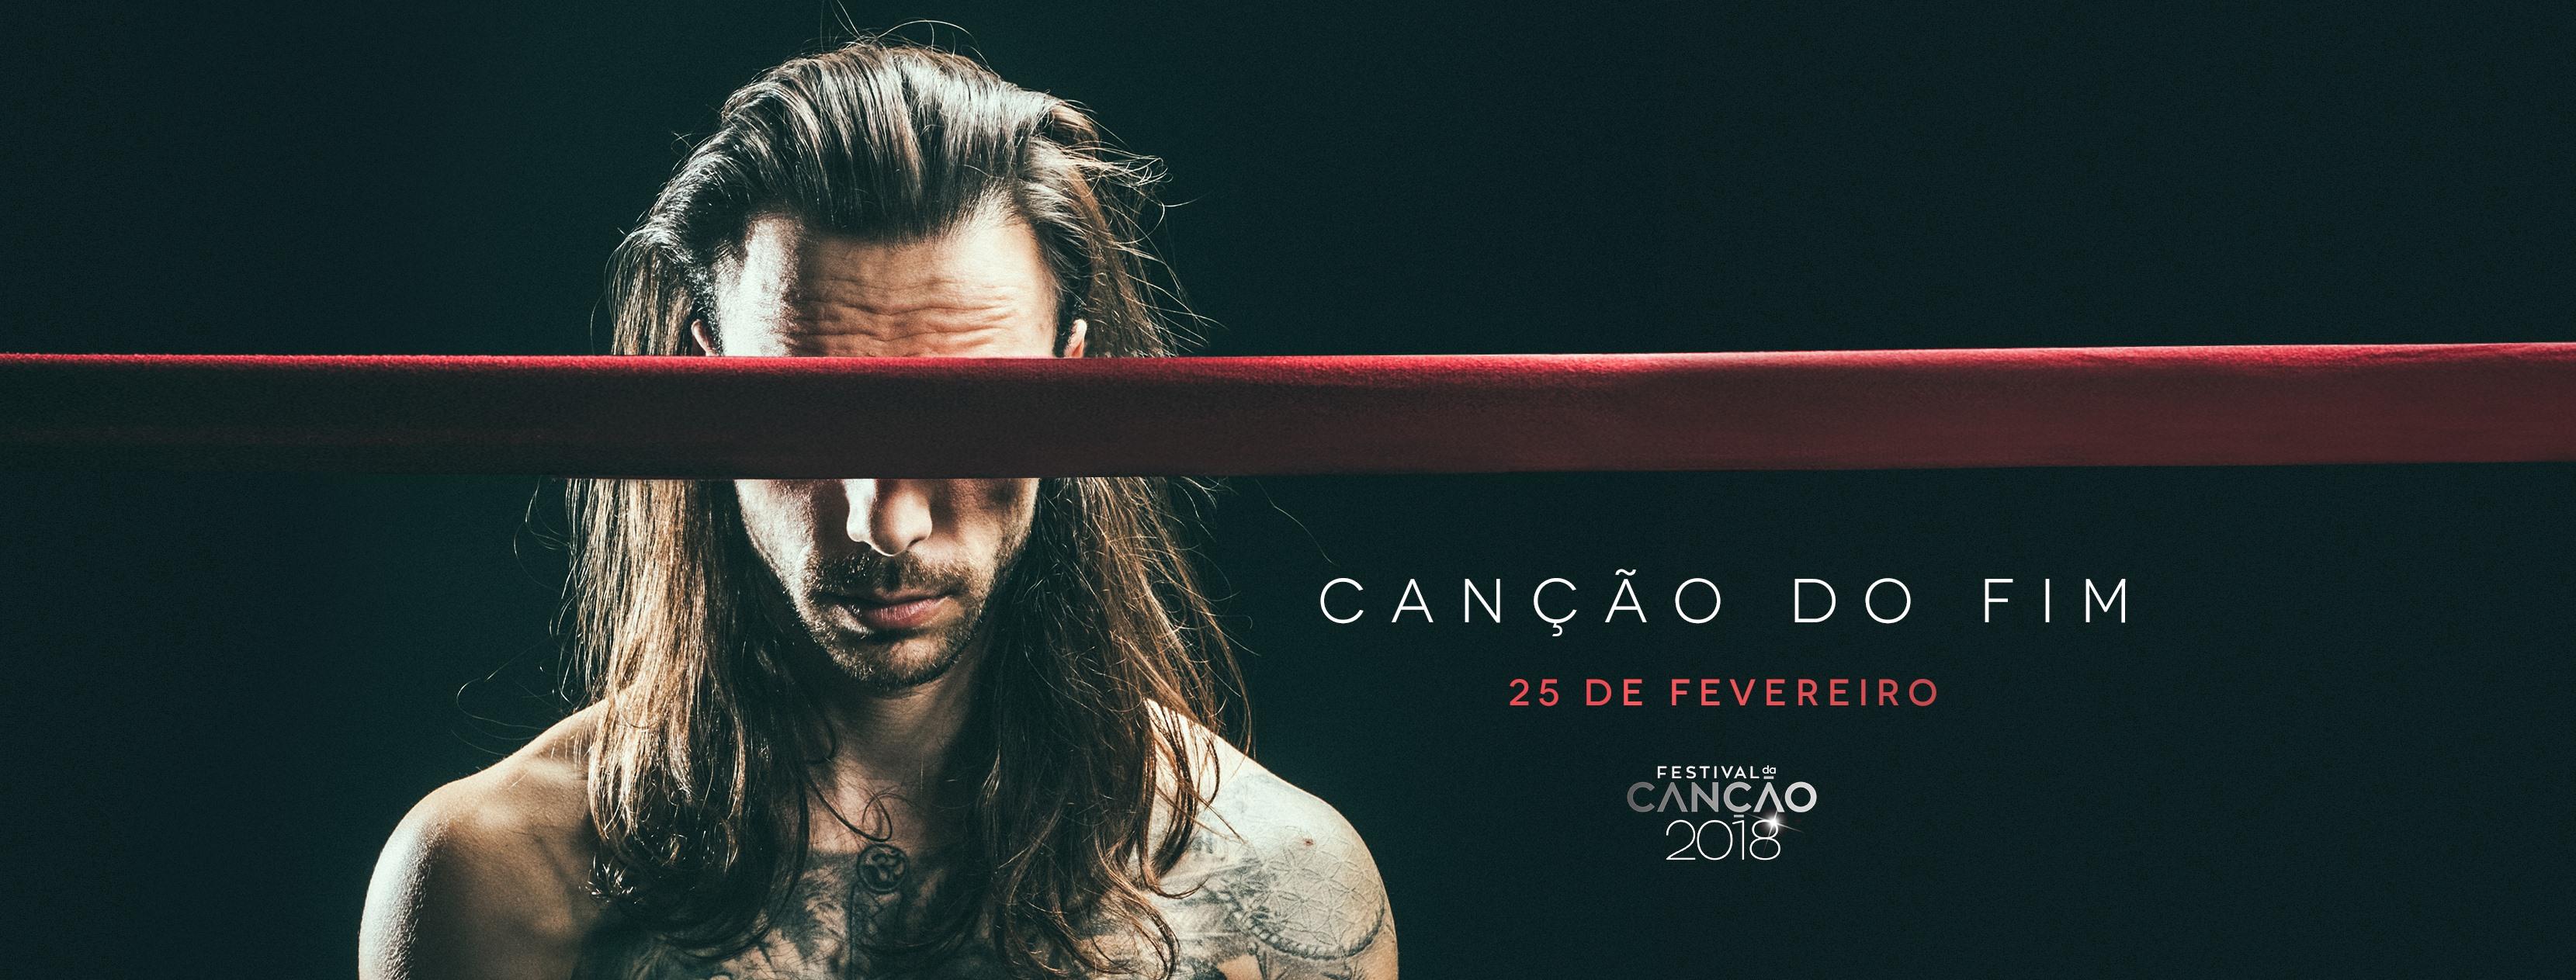 28071054 1635895393154035 2536749387658896429 O Diogo Piçarra Desiste Do «Festival Da Canção 2018»